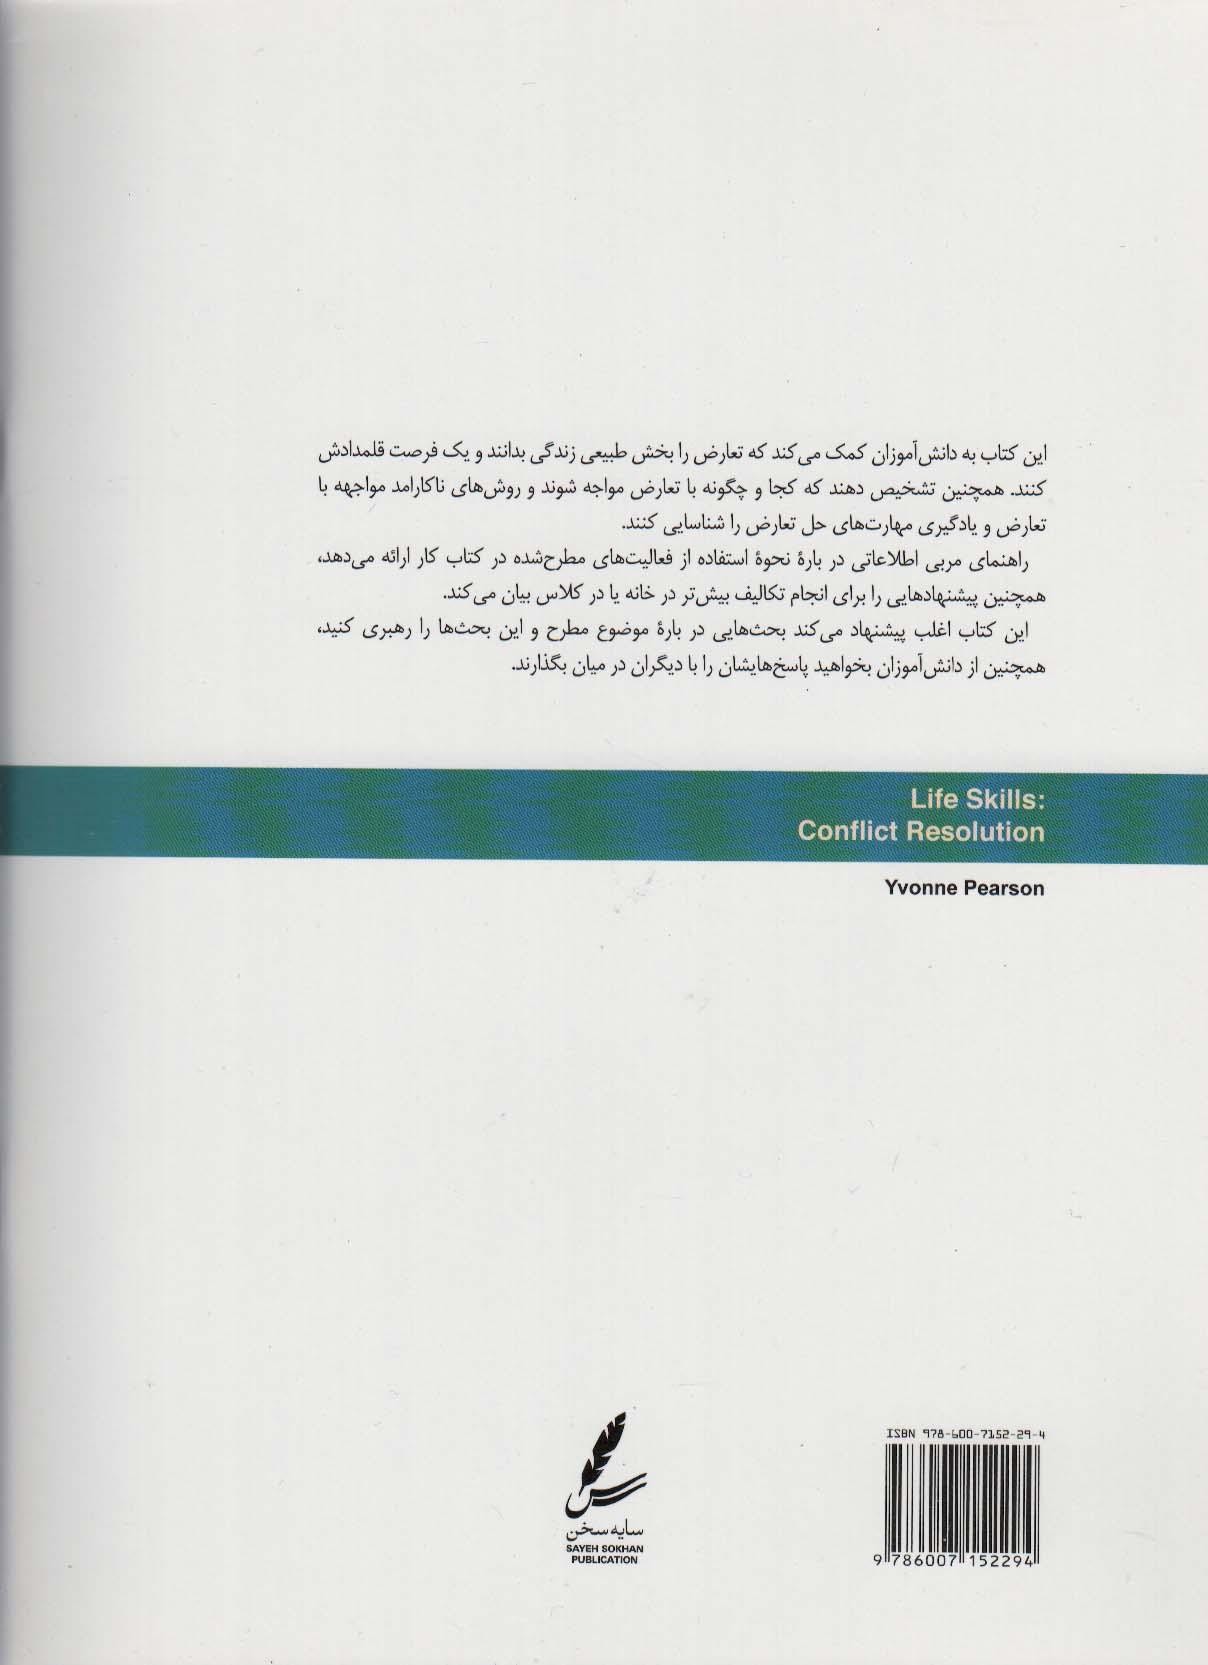 حل تعارض:راهنمای مربی (مهارت های زندگی نوجوانان)